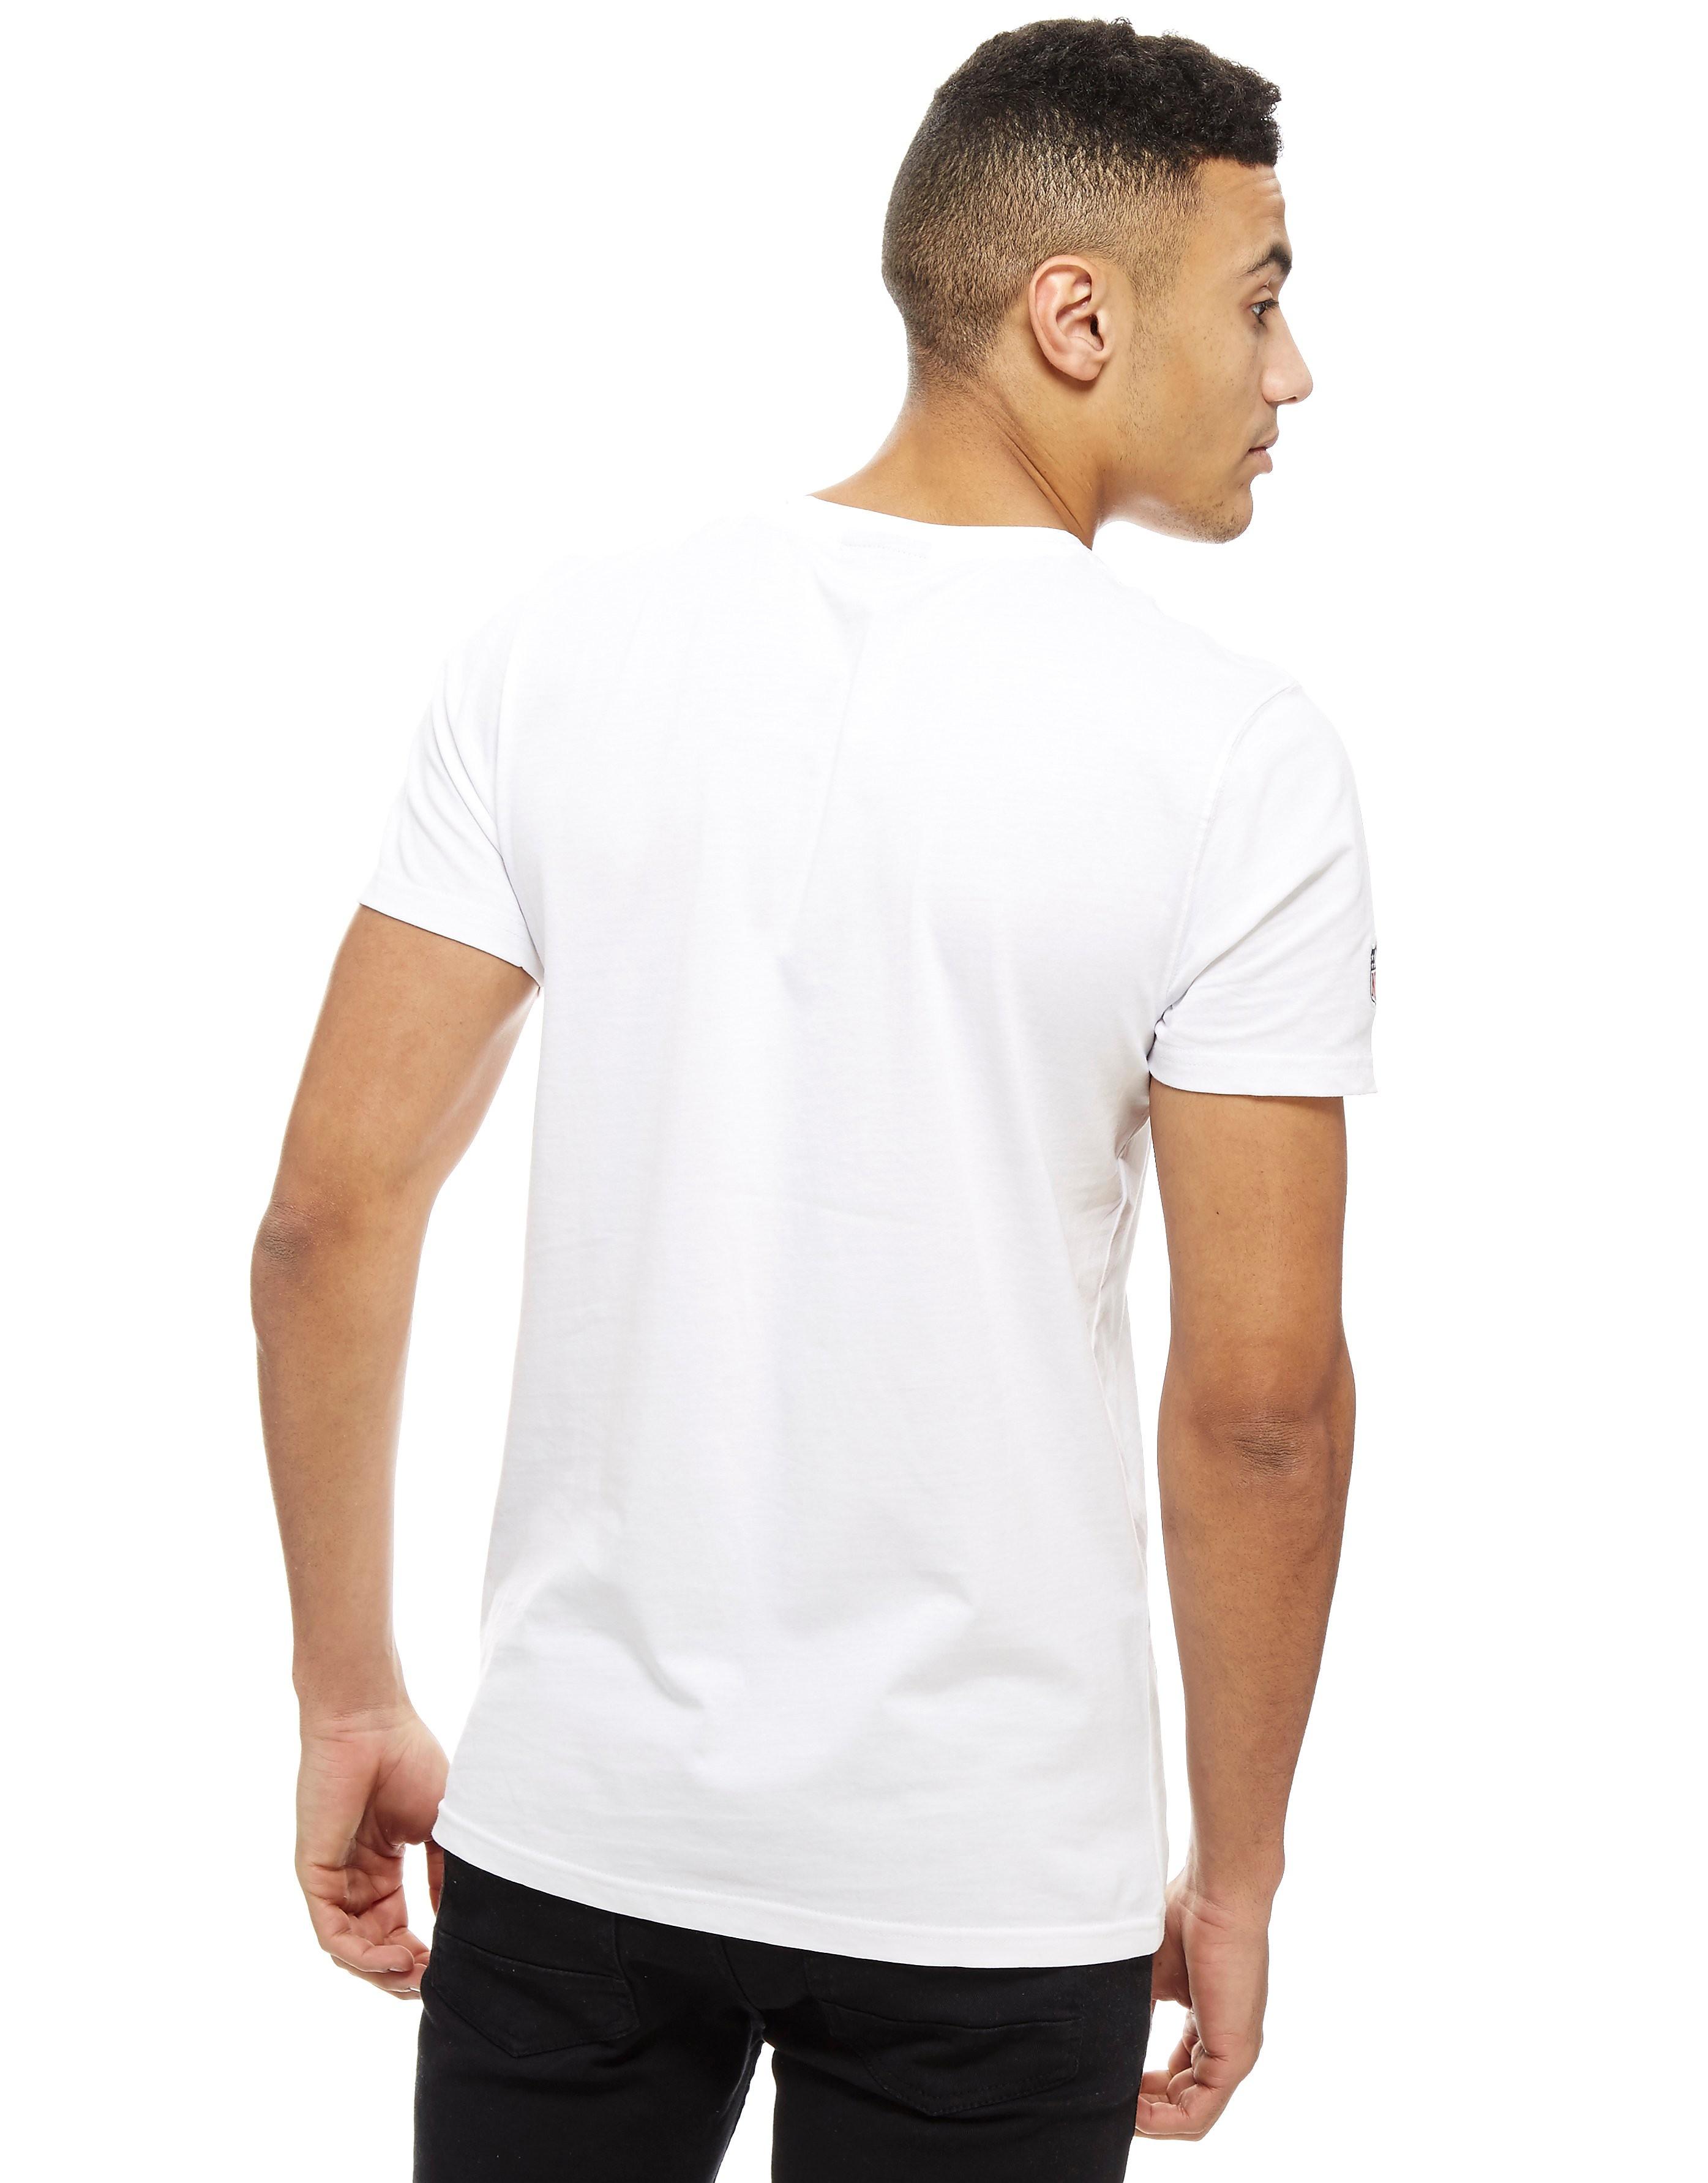 New Era Cleveland Browns T-Shirt